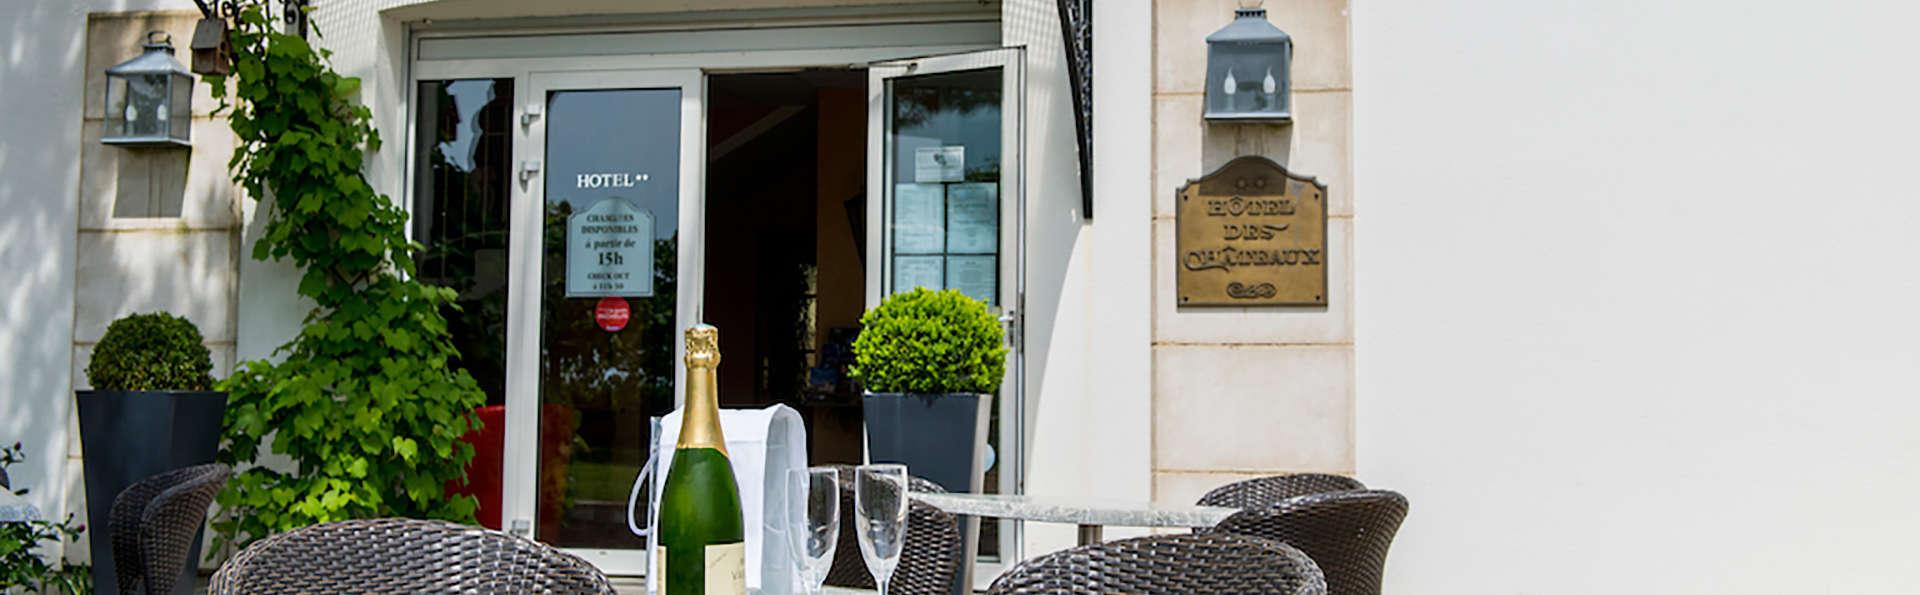 Hôtel des Châteaux - edit_entrance.jpg